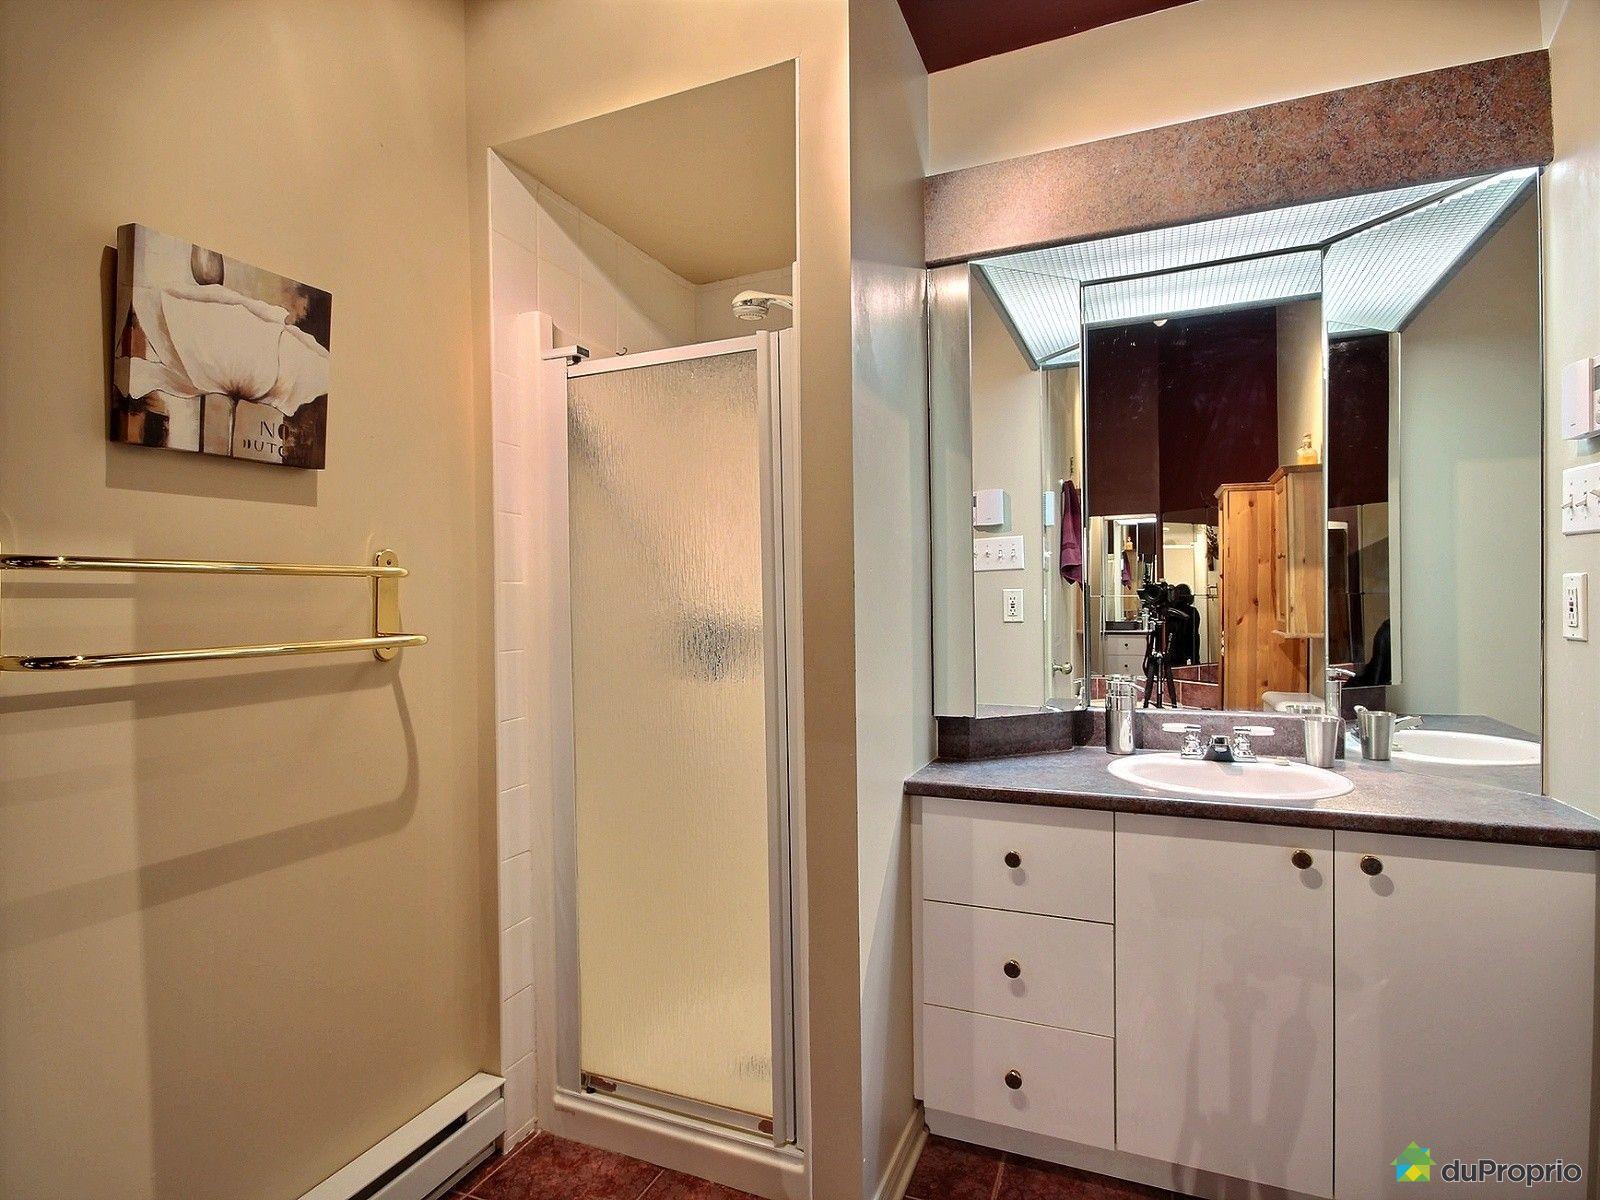 Maison vendre montr al 14883 rue sherbrooke est for Salle de bain commune a deux chambres